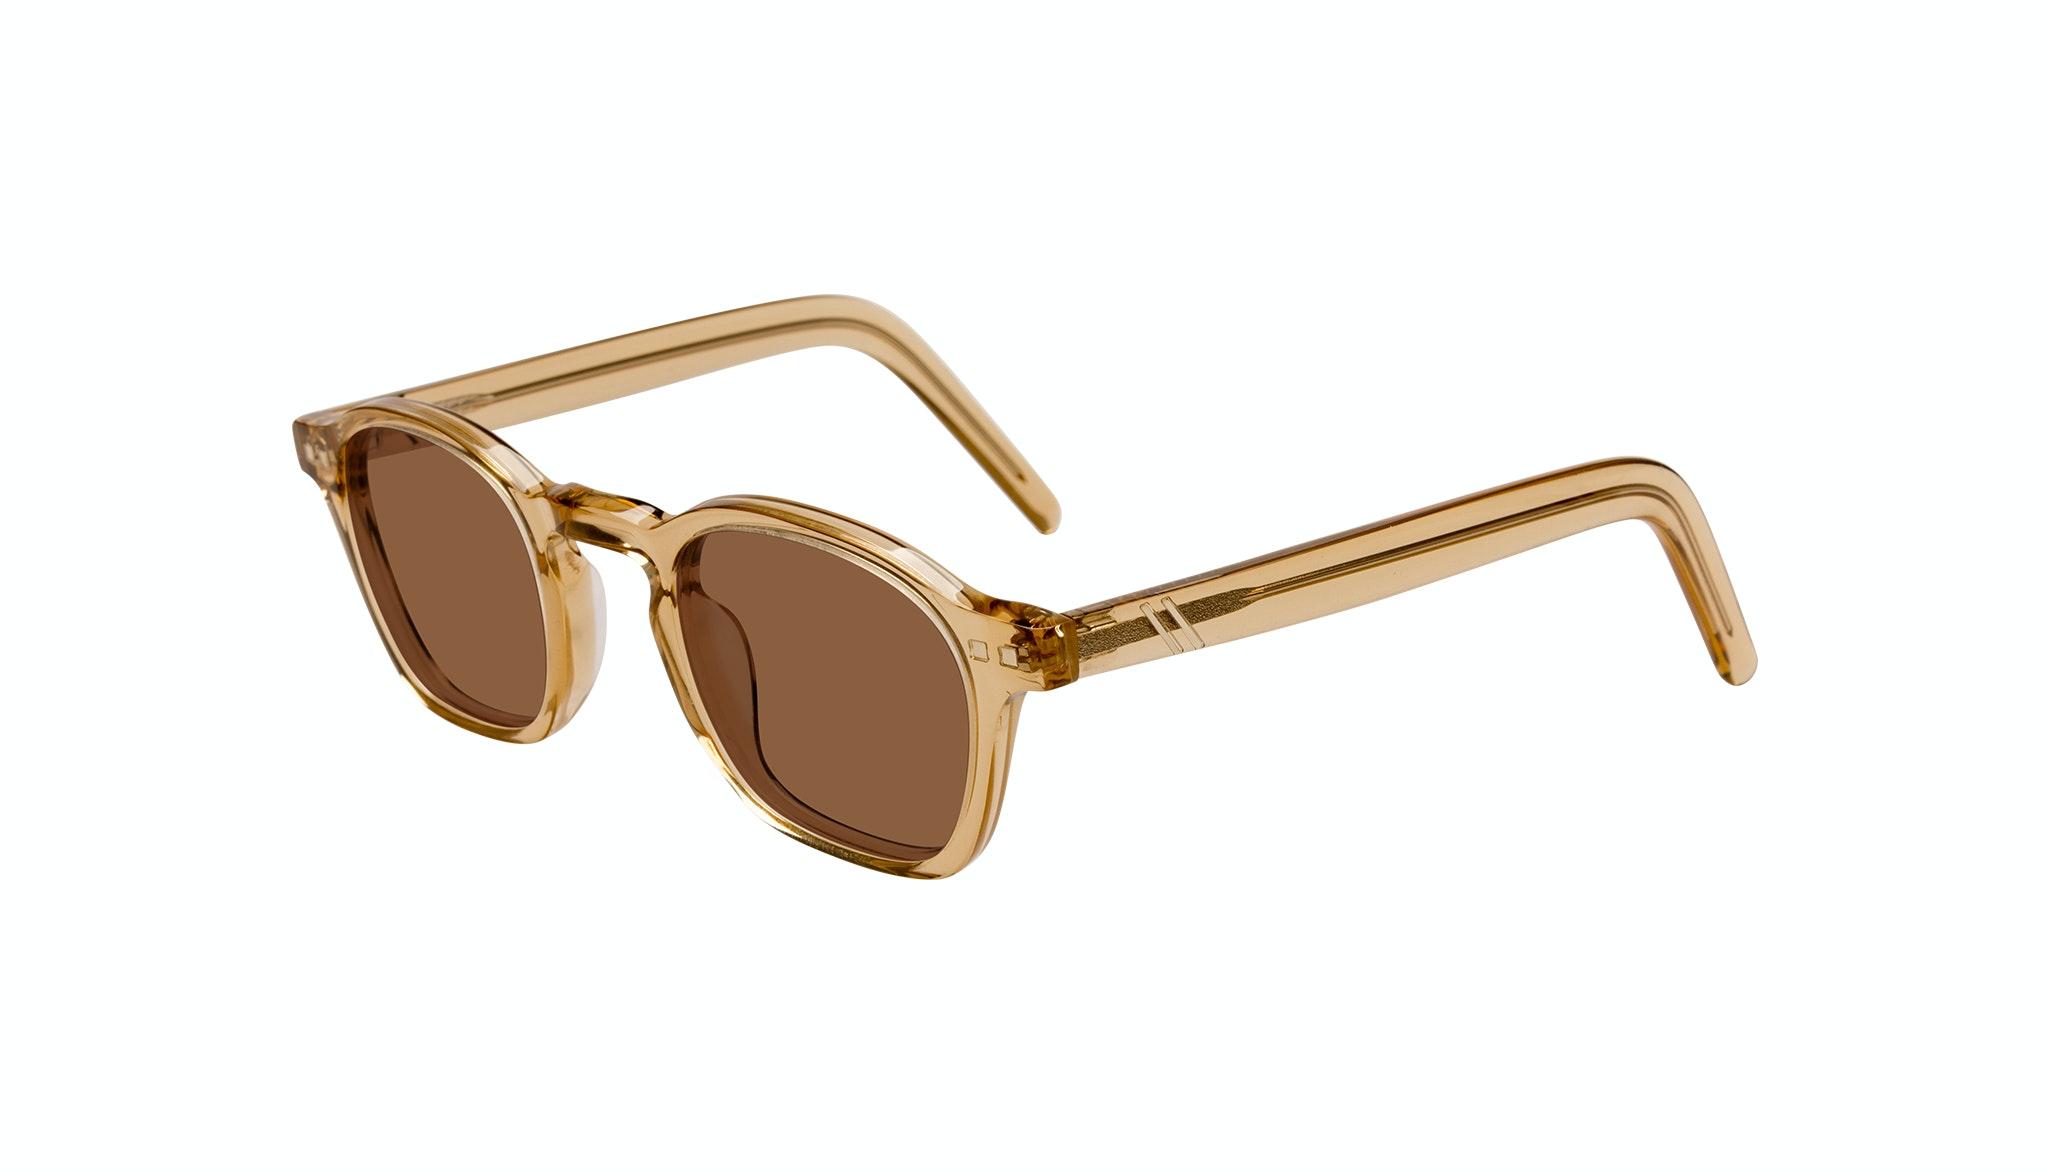 Affordable Fashion Glasses Square Sunglasses Men Brisk Golden Tilt